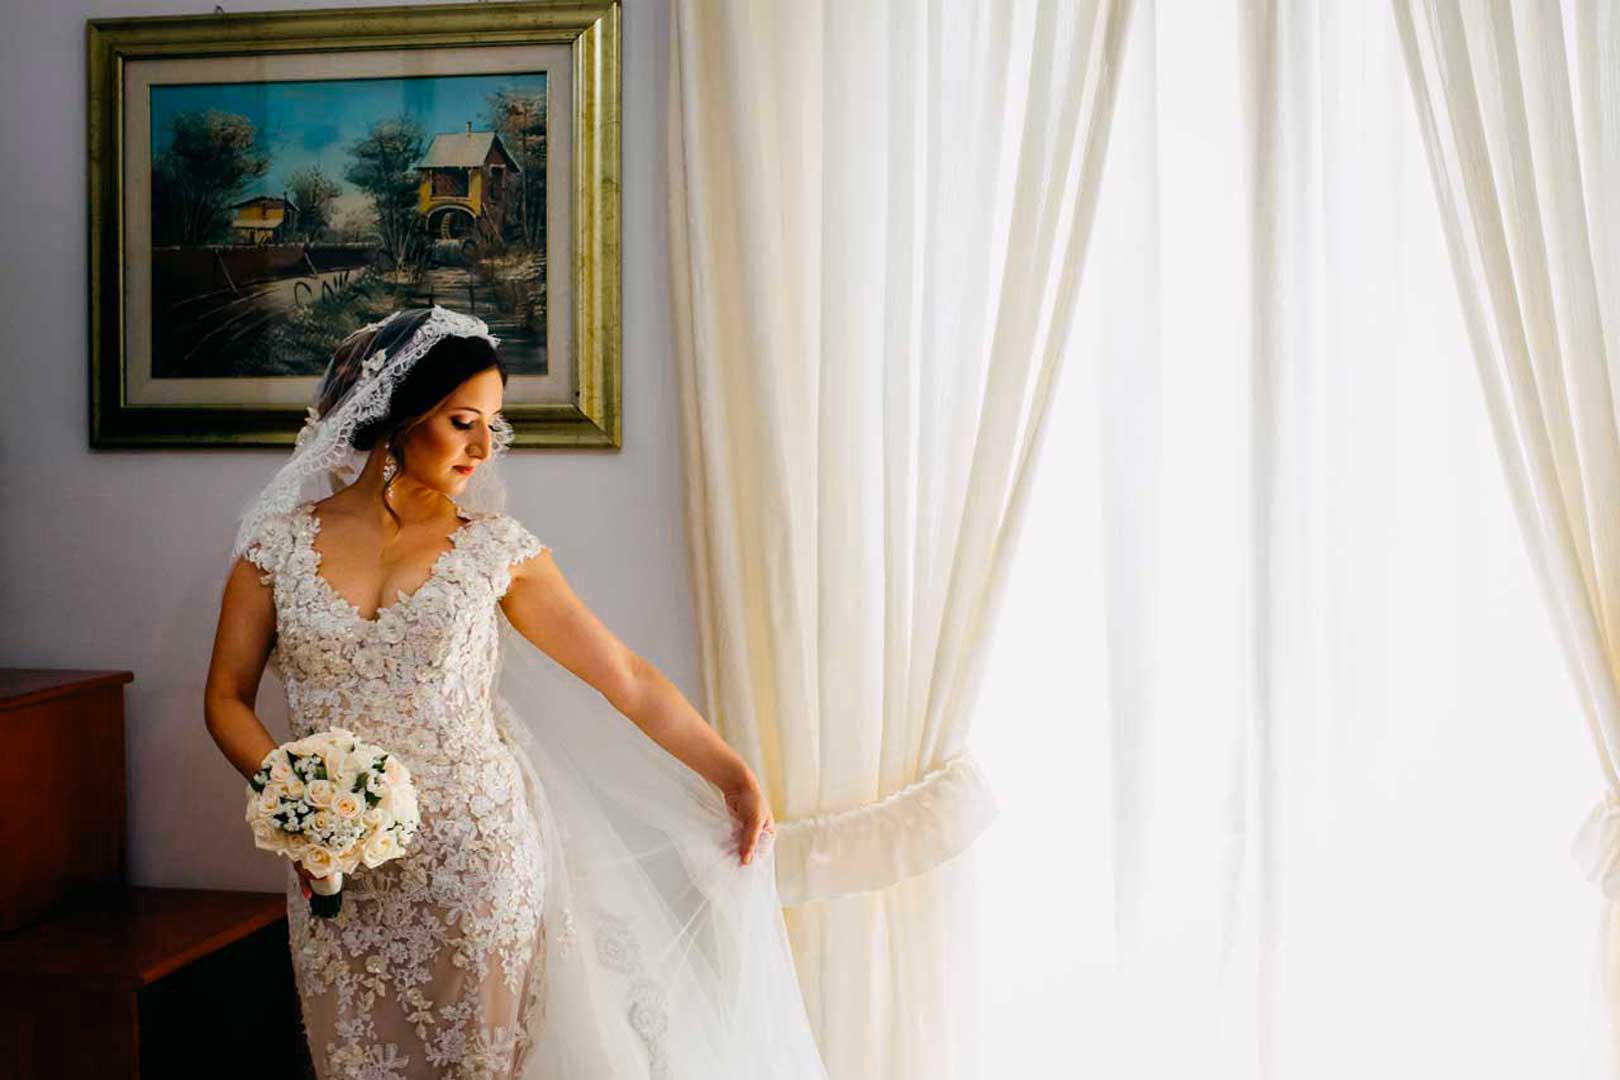 014-sposa-gianni-lepore-fotografia-matrimonio